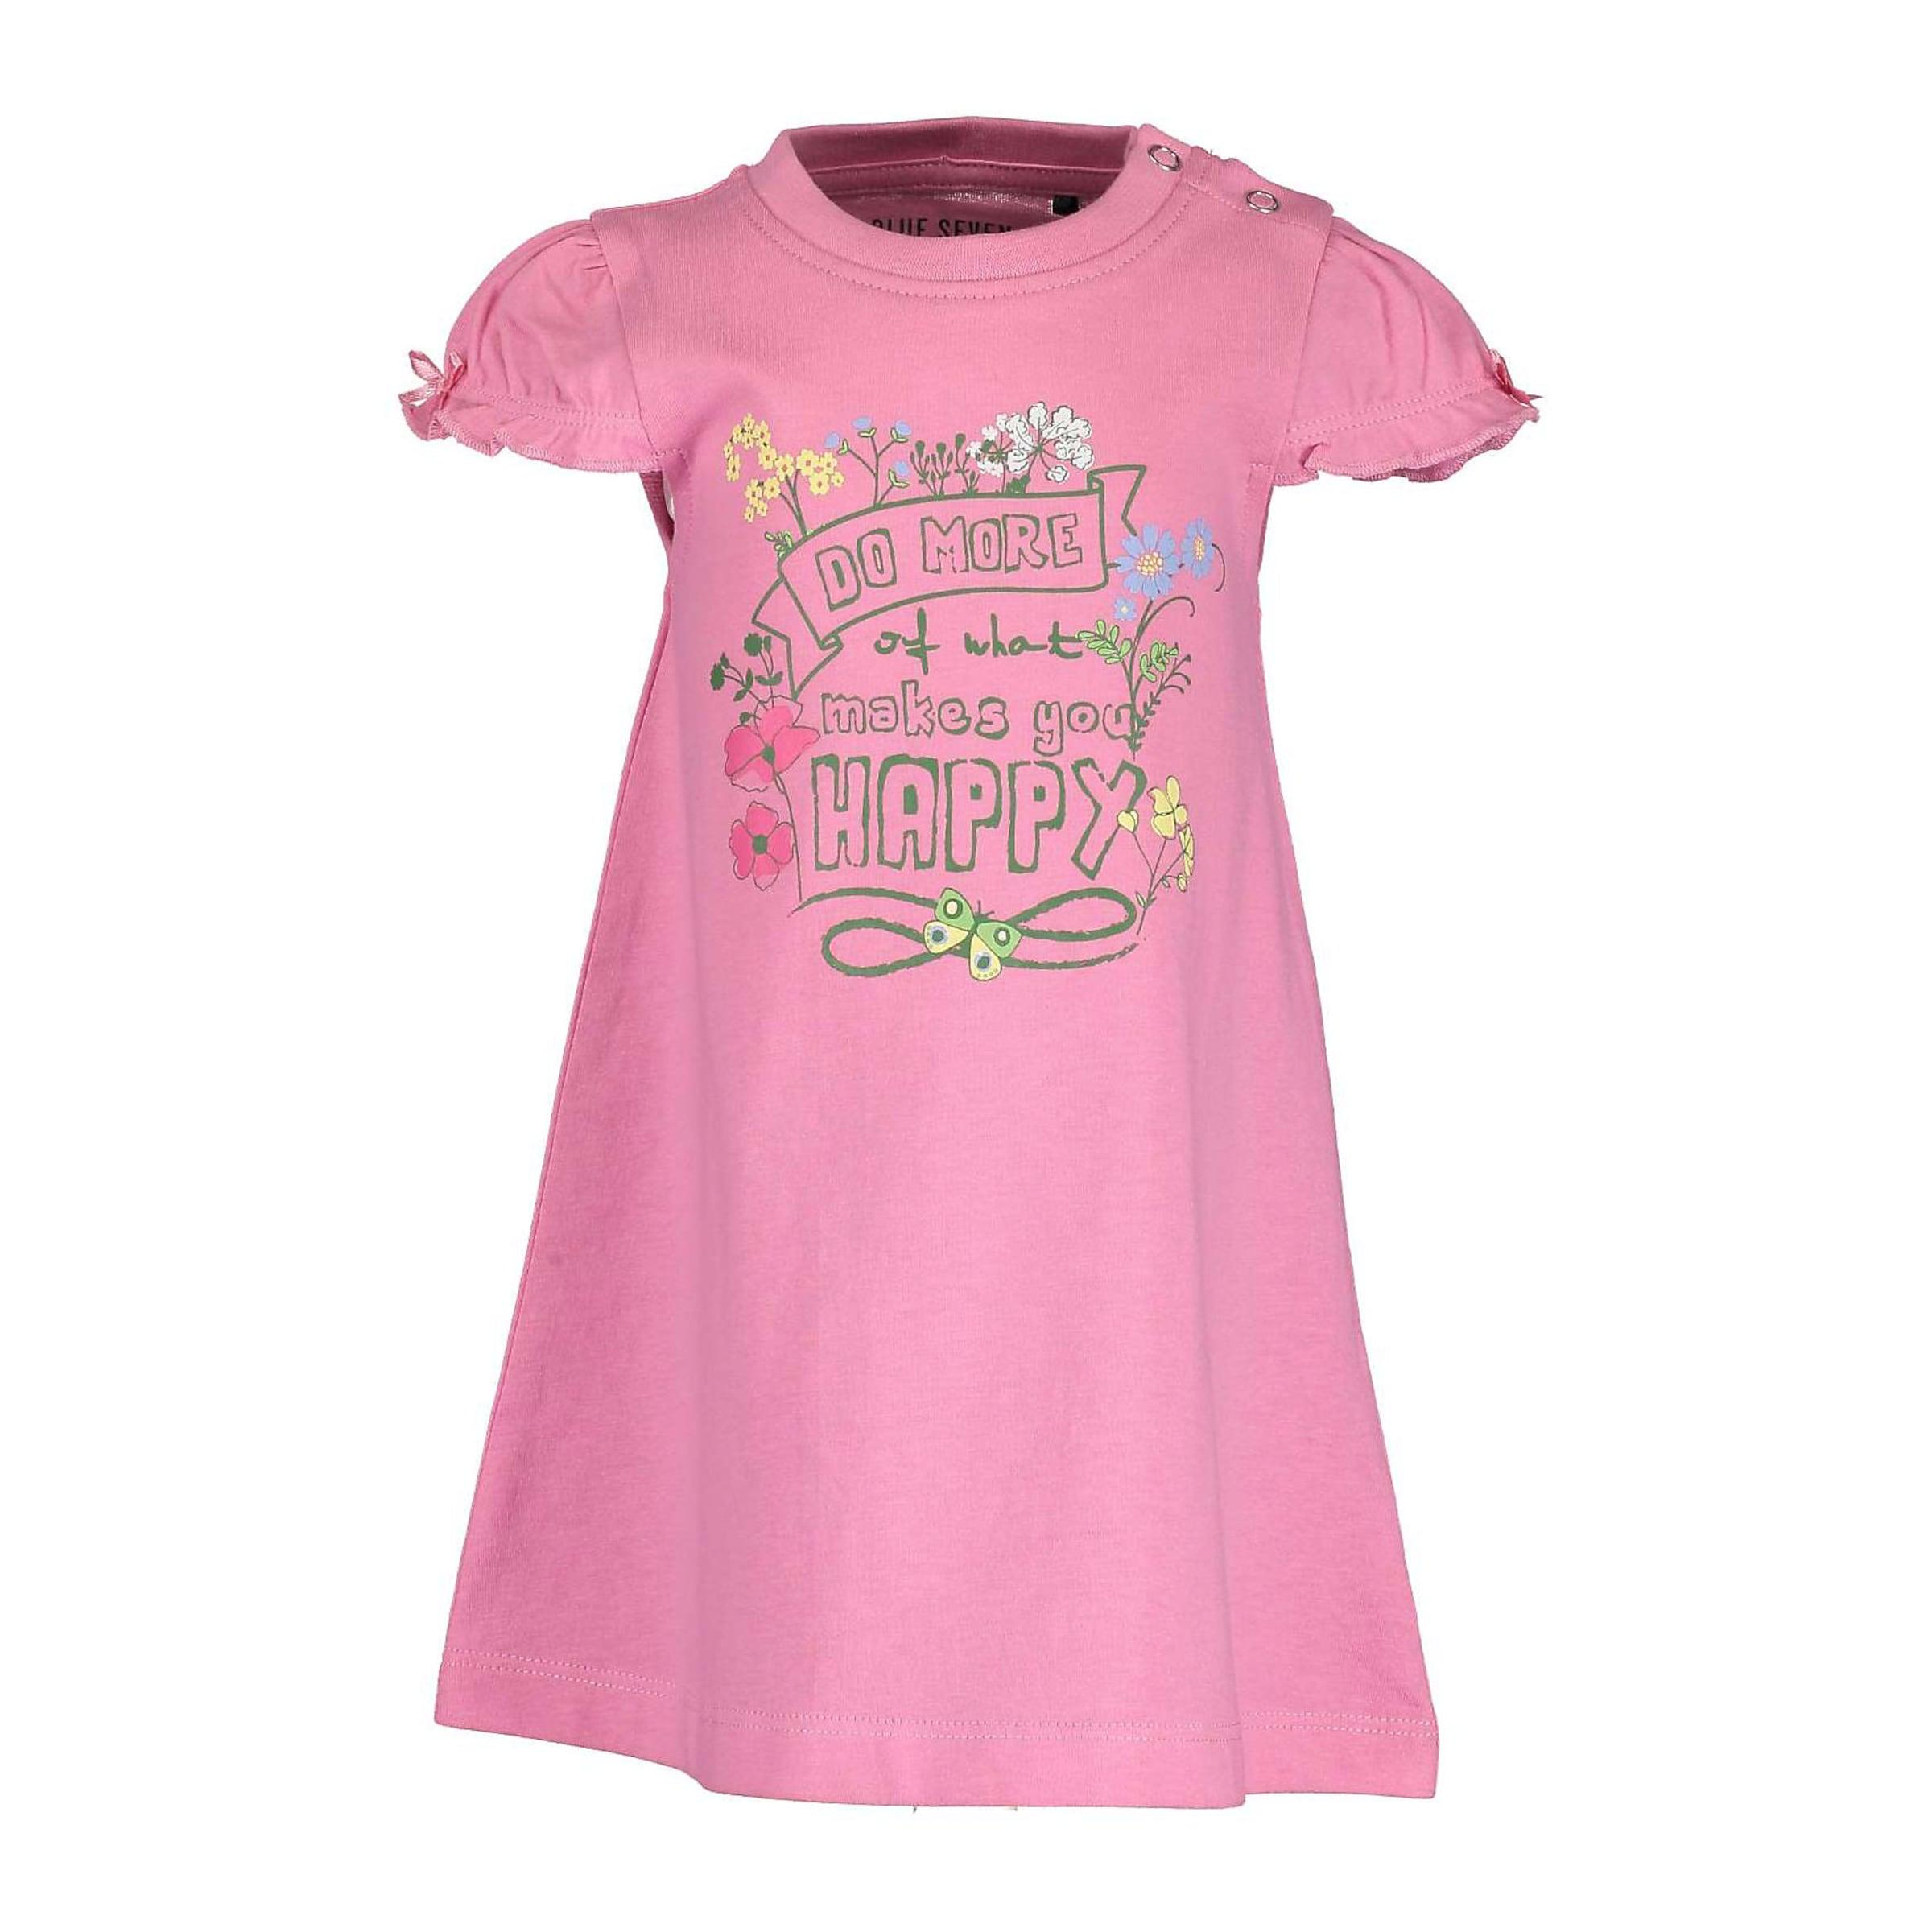 Kinder,  Mädchen,  Kinder BLUE SEVEN Kleid blau, grau, pink, weiß | 04055852421400